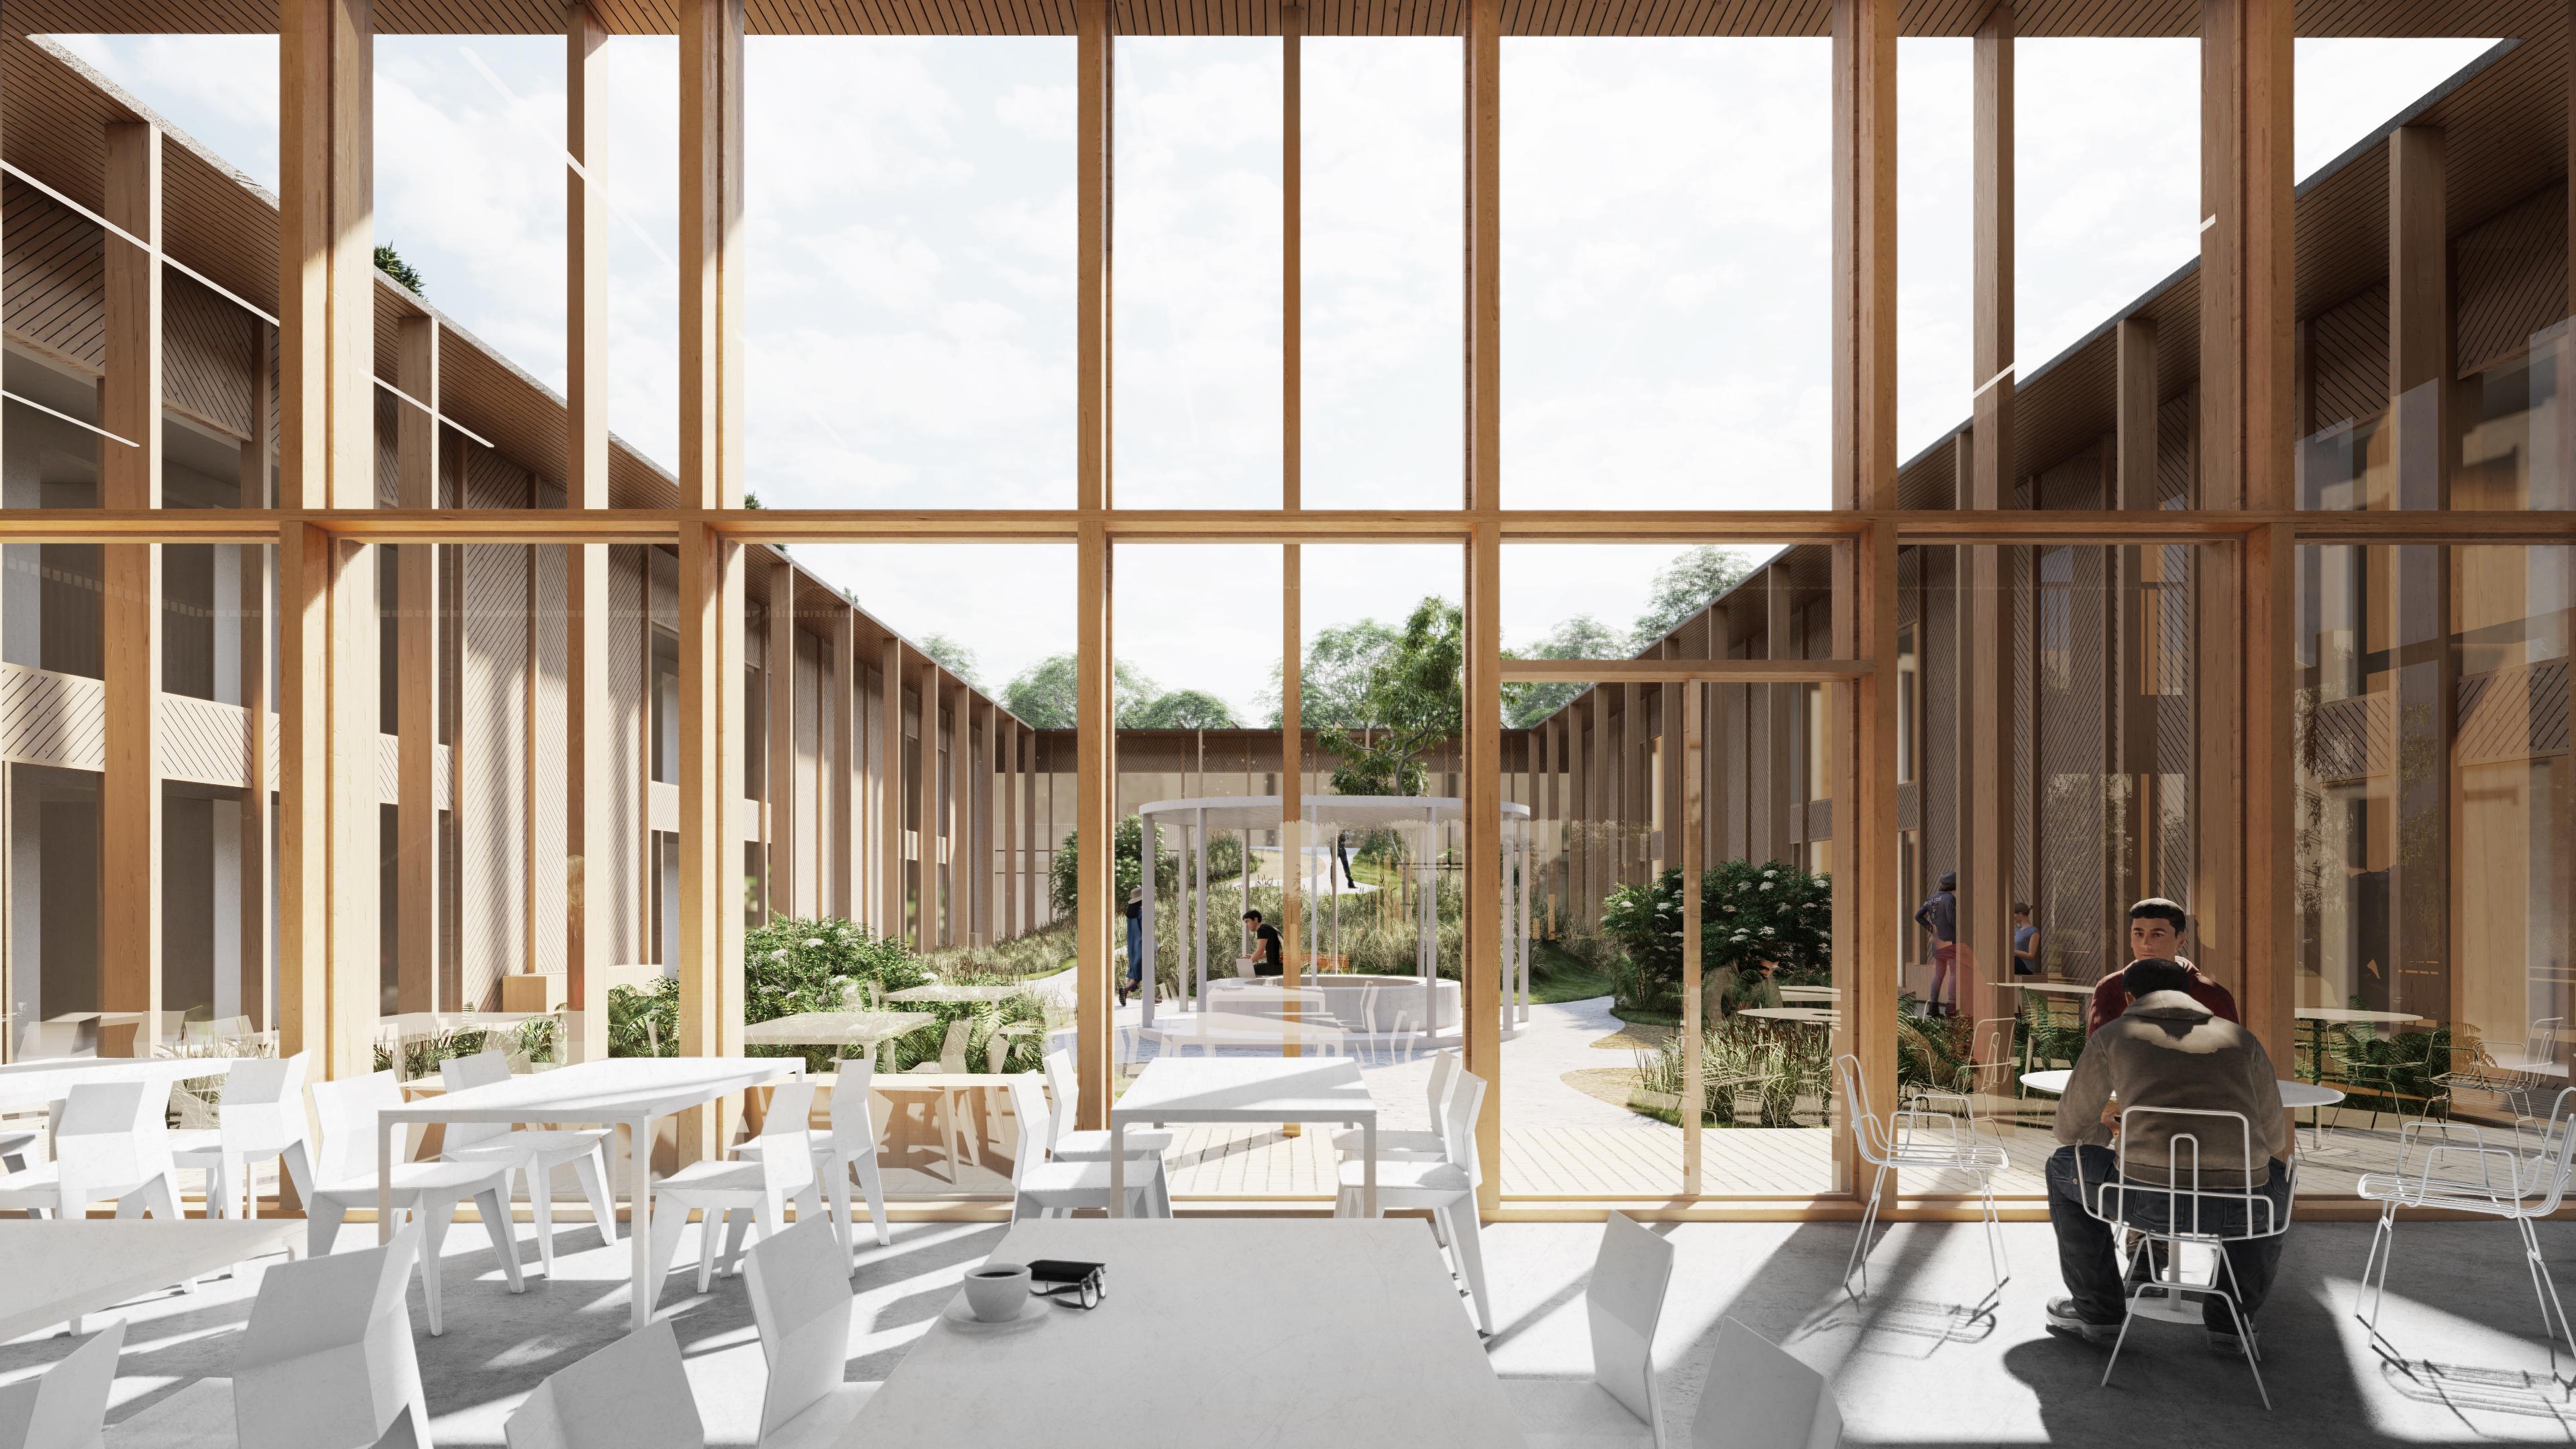 2020 Mõdriku Learning Center & Dormitory